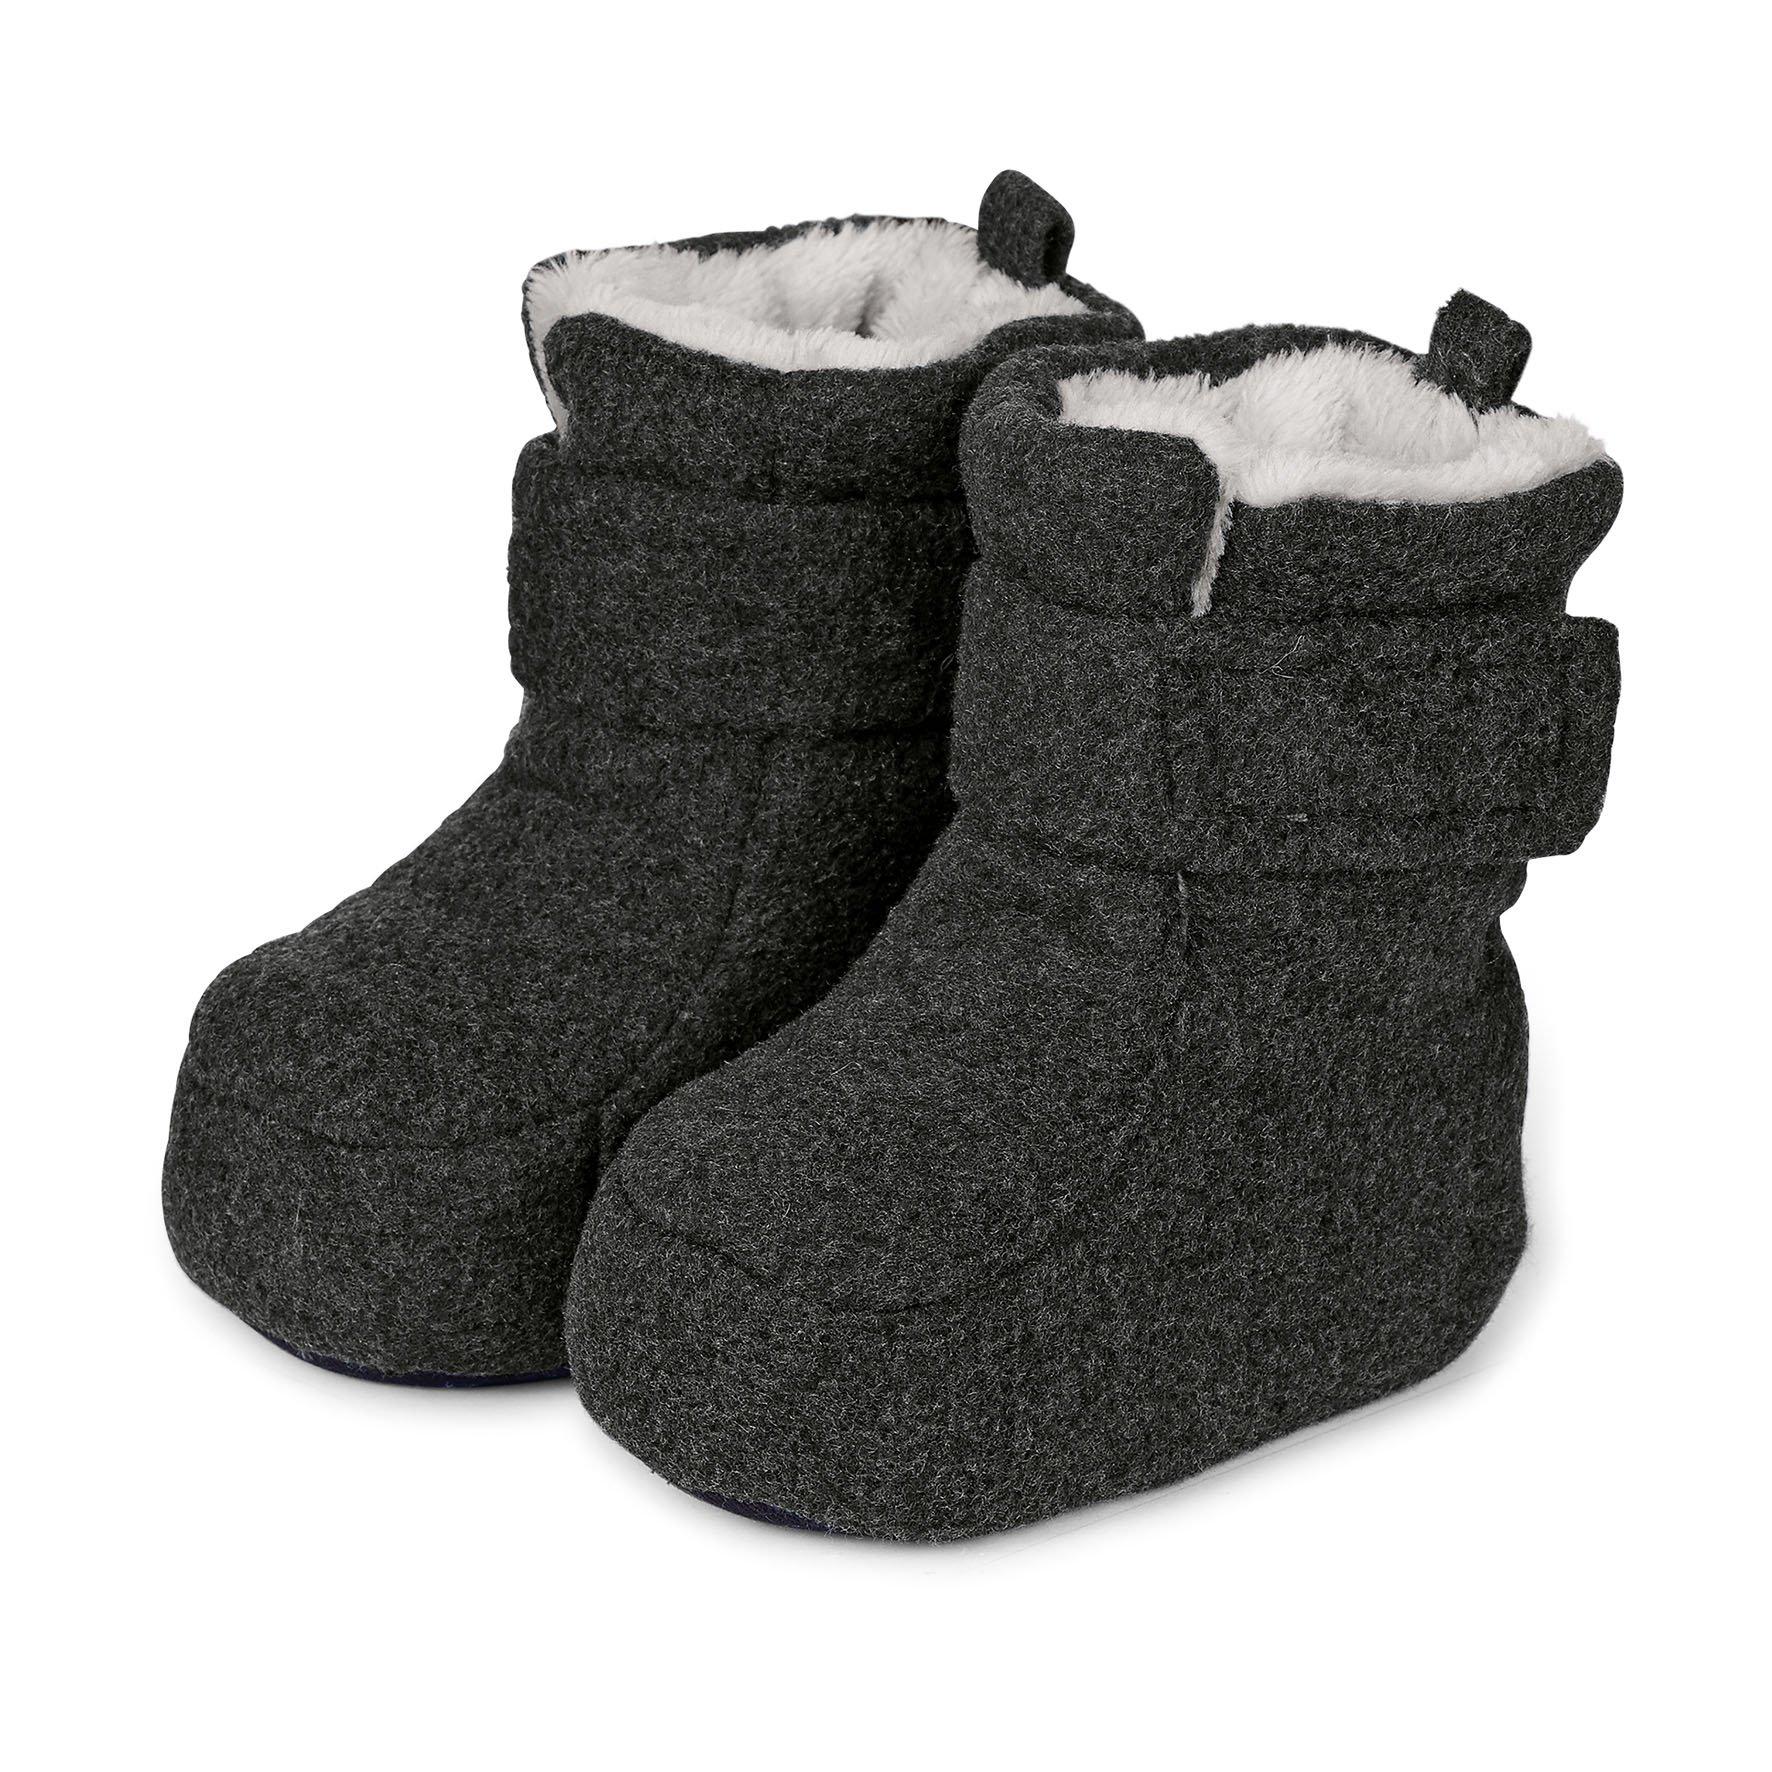 Ausgezeichnetes Produkt Sterntaler Jungen Baby Schuh Stiefel